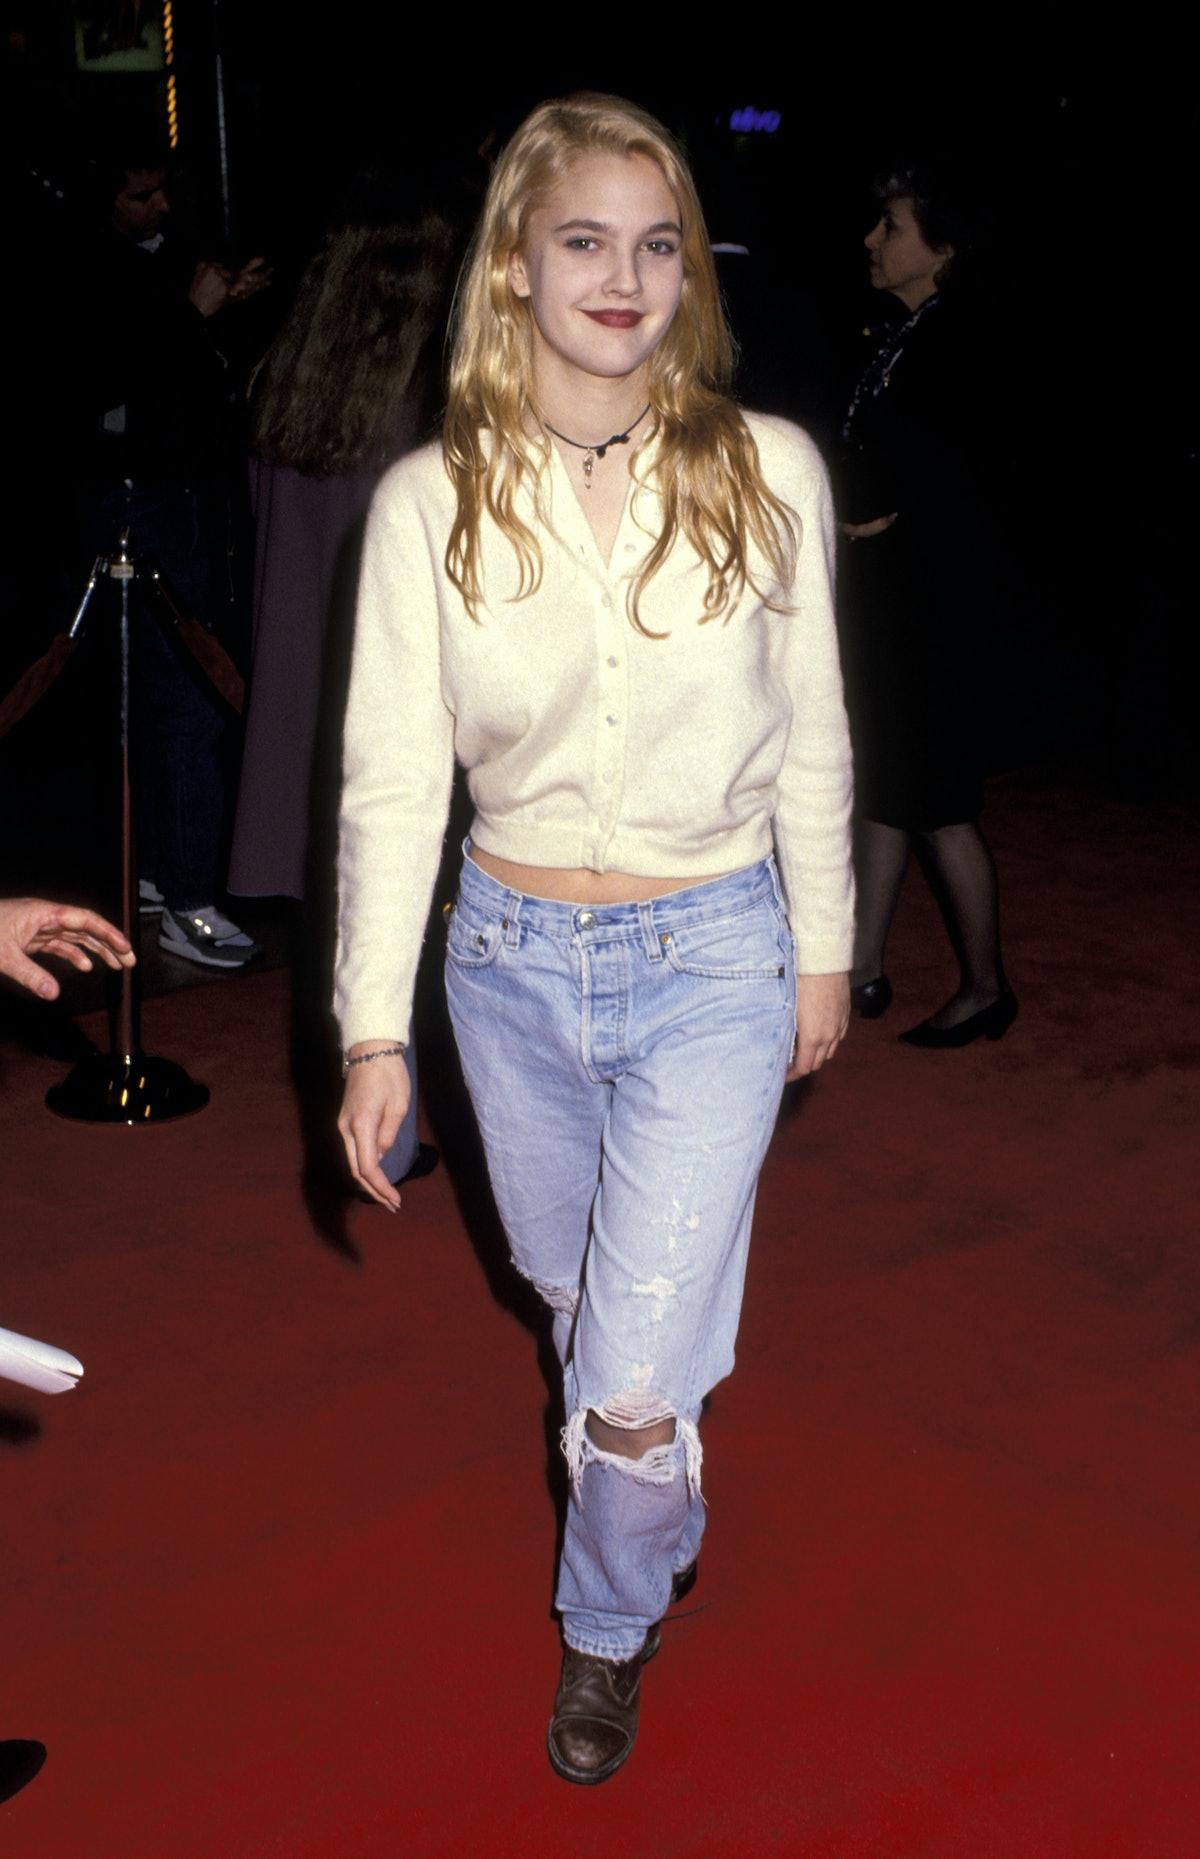 Drew Barrymore wearing jeans